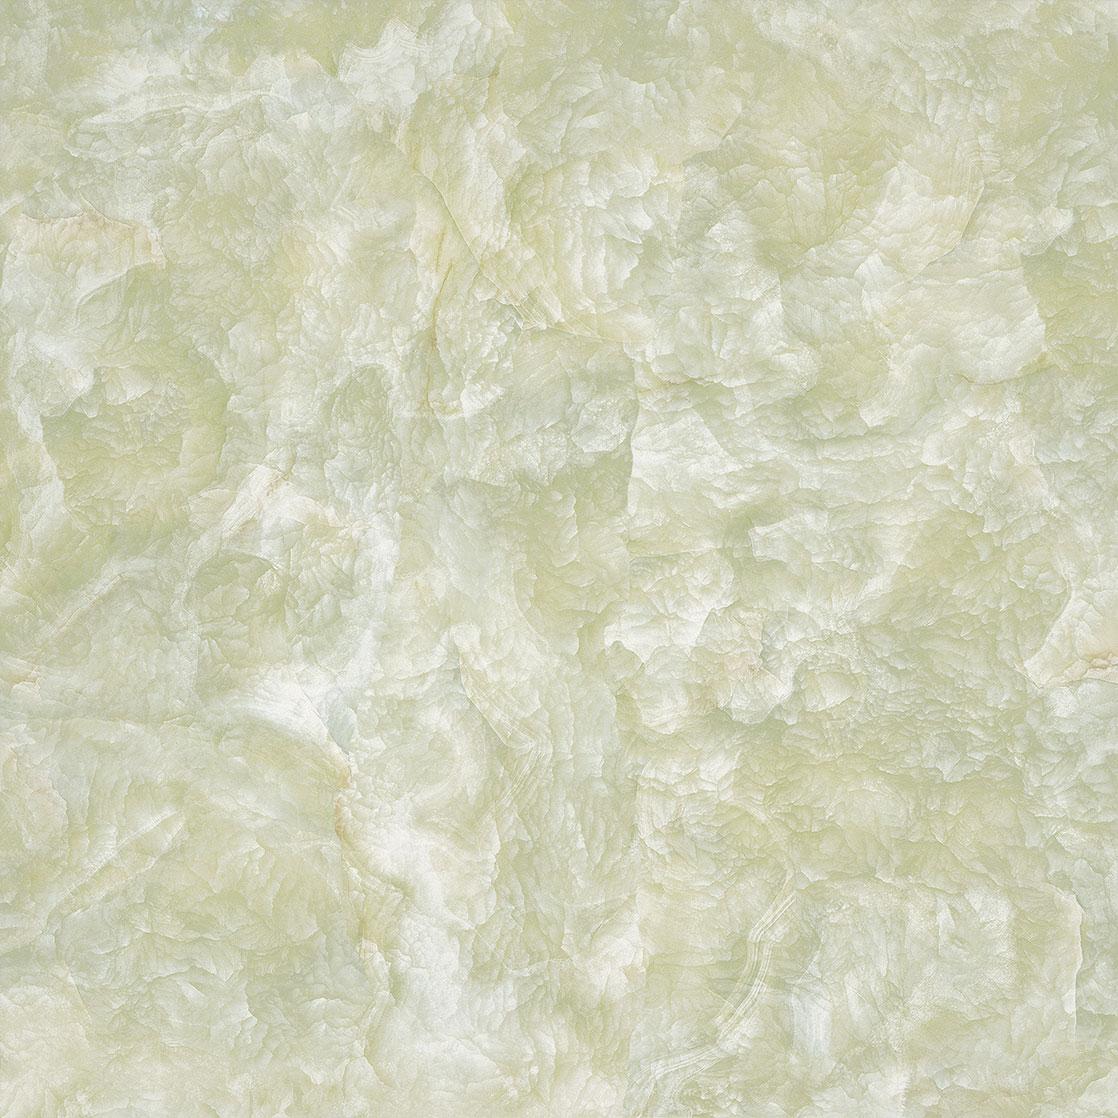 Gạch lát nền 60x60 Viglacera UH6804 giá rẻ